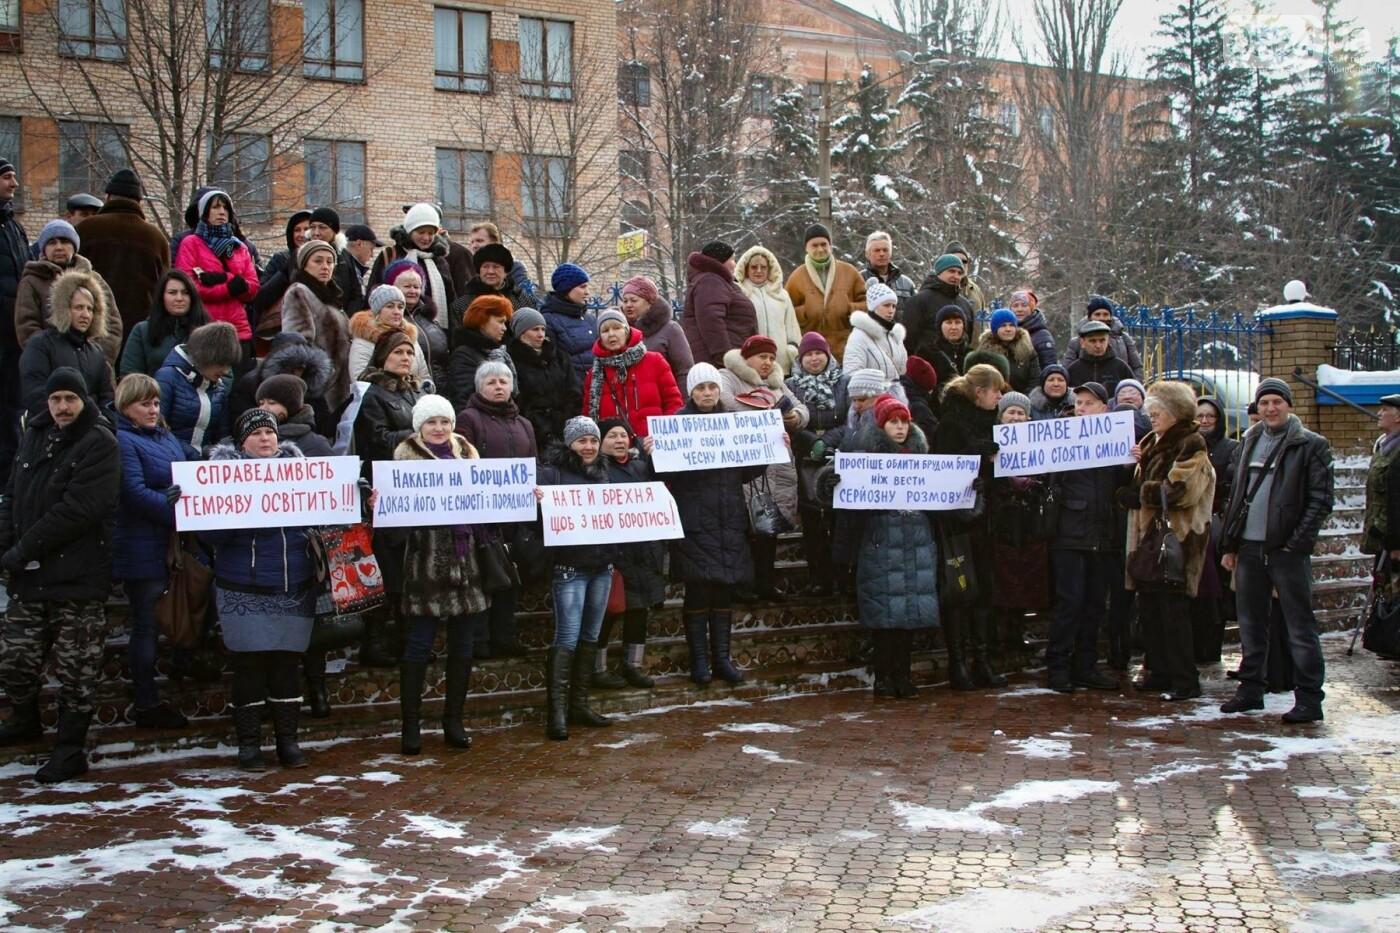 """""""За праве діло - будемо стояти сміло!"""": сотрудники КривбасПВС продолжают отстаивать госпредприятие и главного инженера  (ФОТО, ВИДЕО), фото-13"""